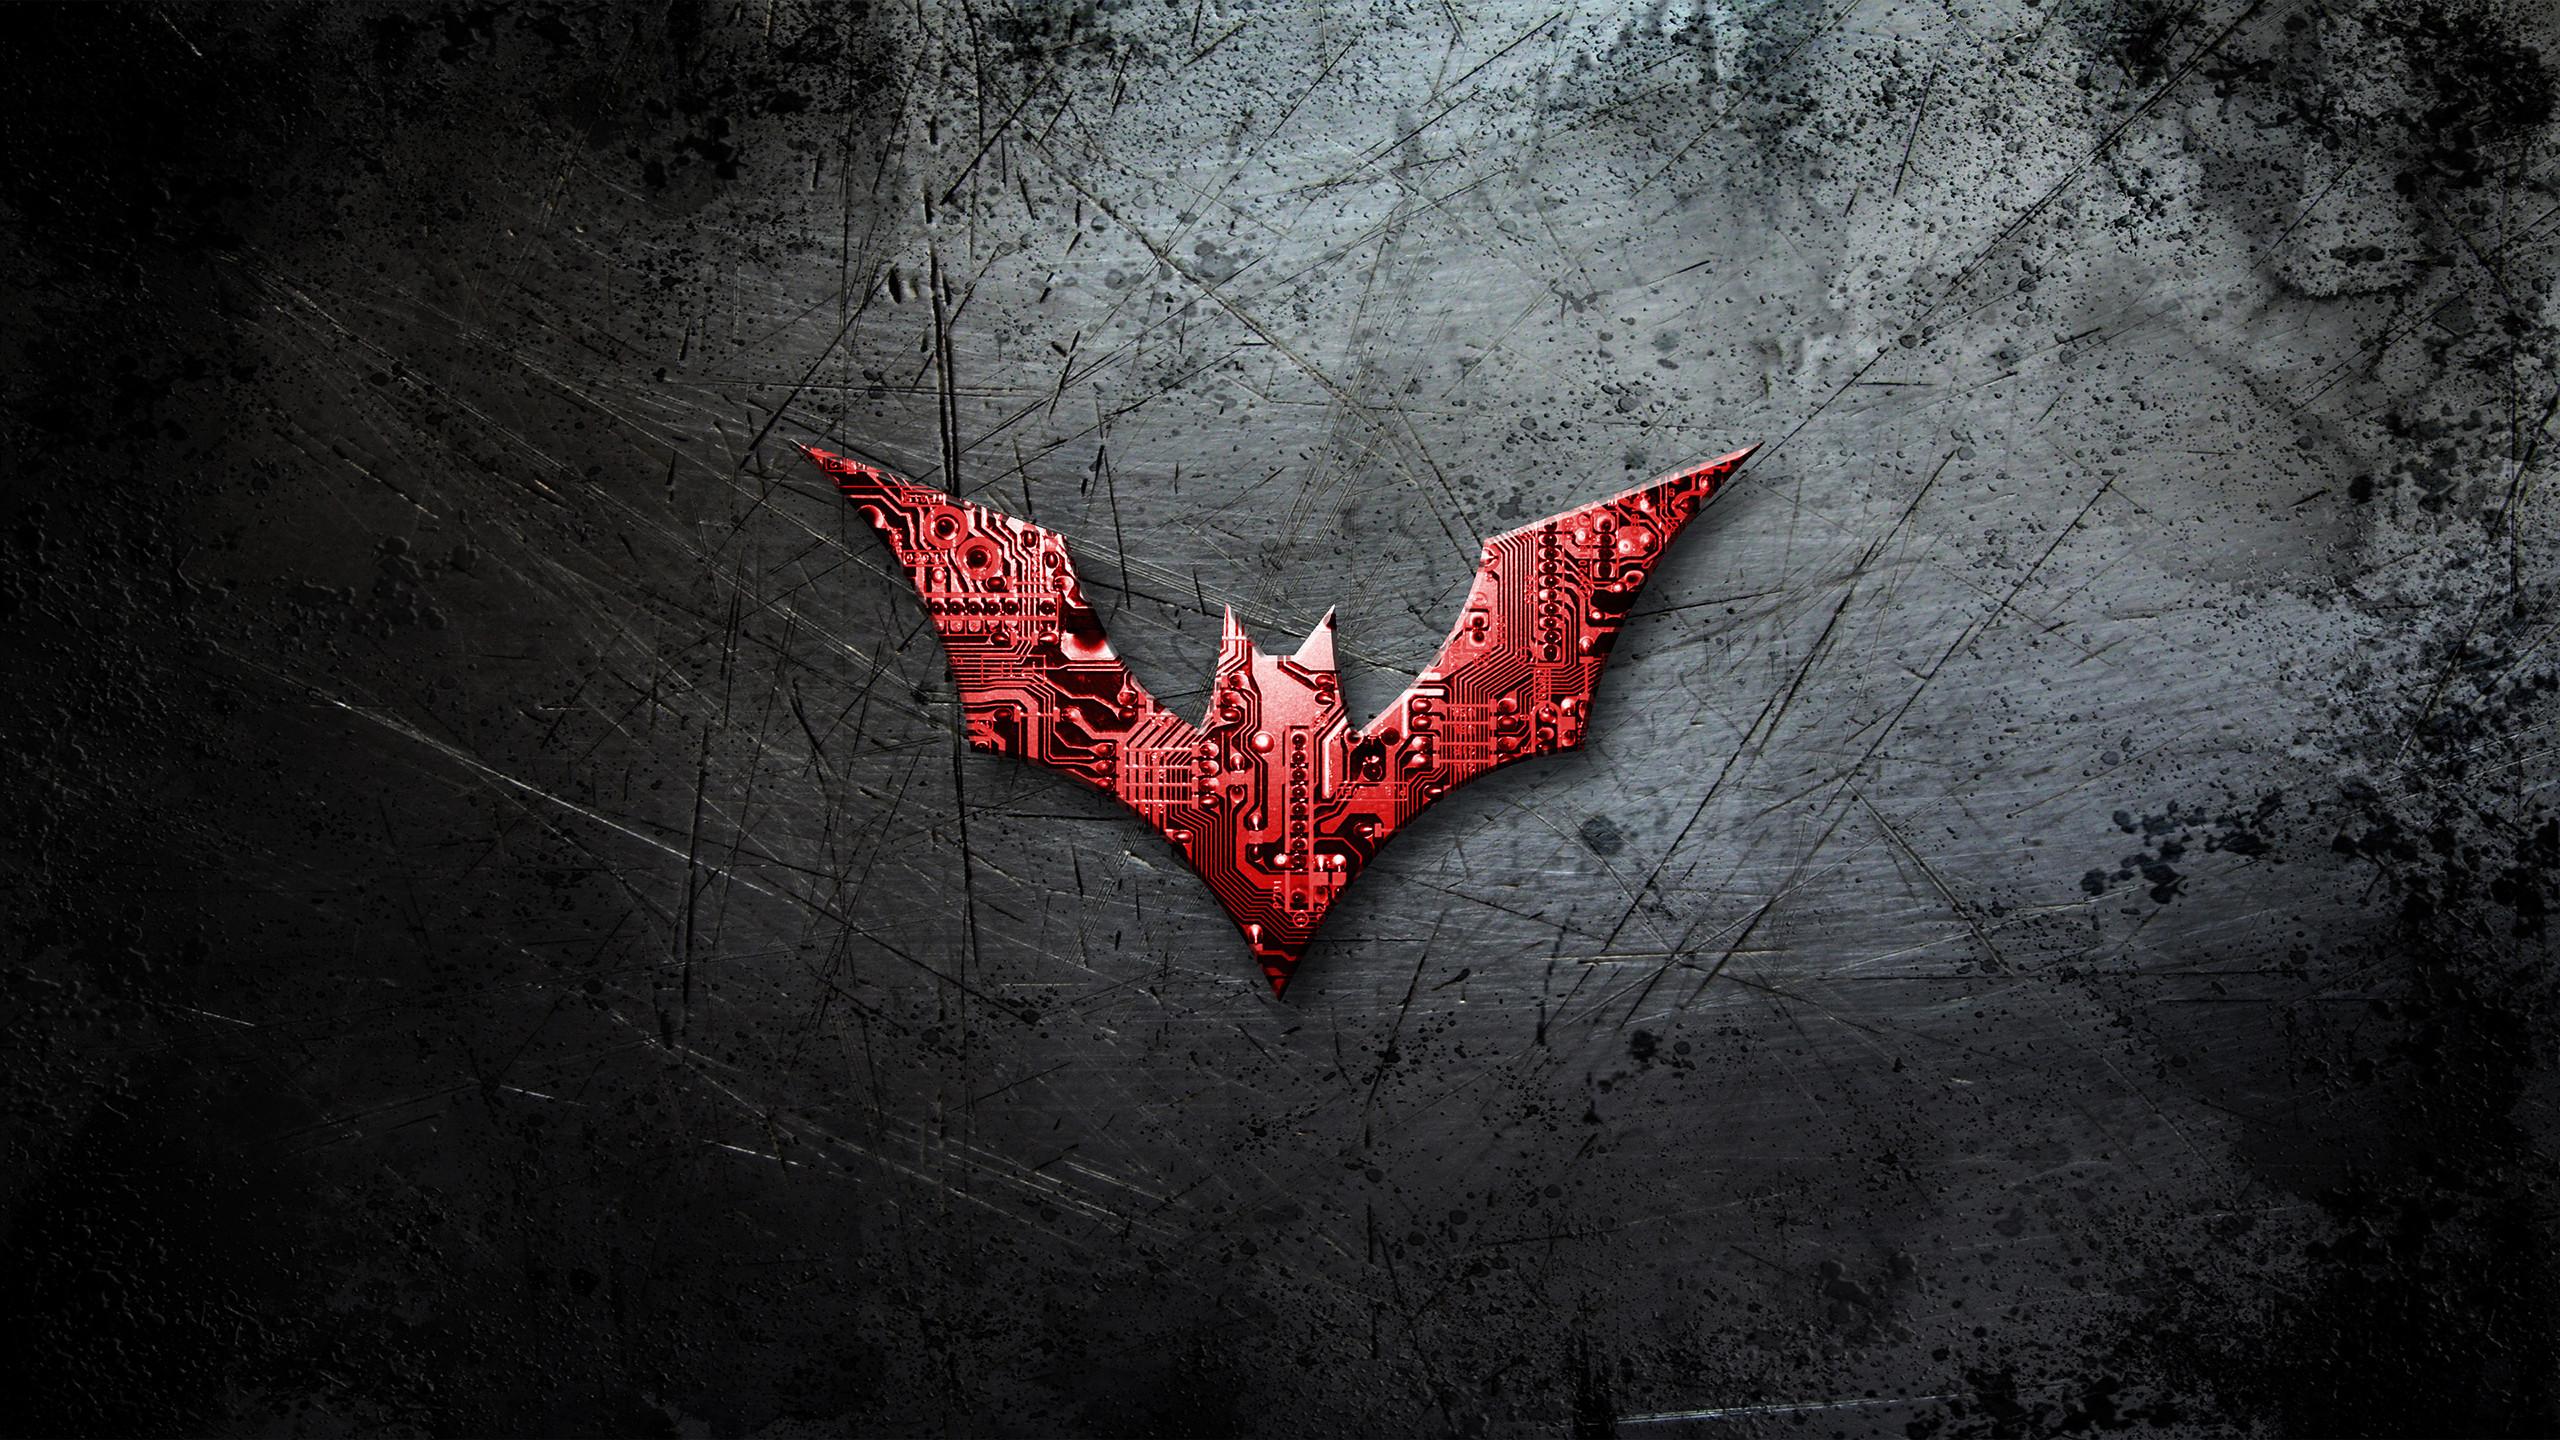 2560x1440 batman beyond wallpaper